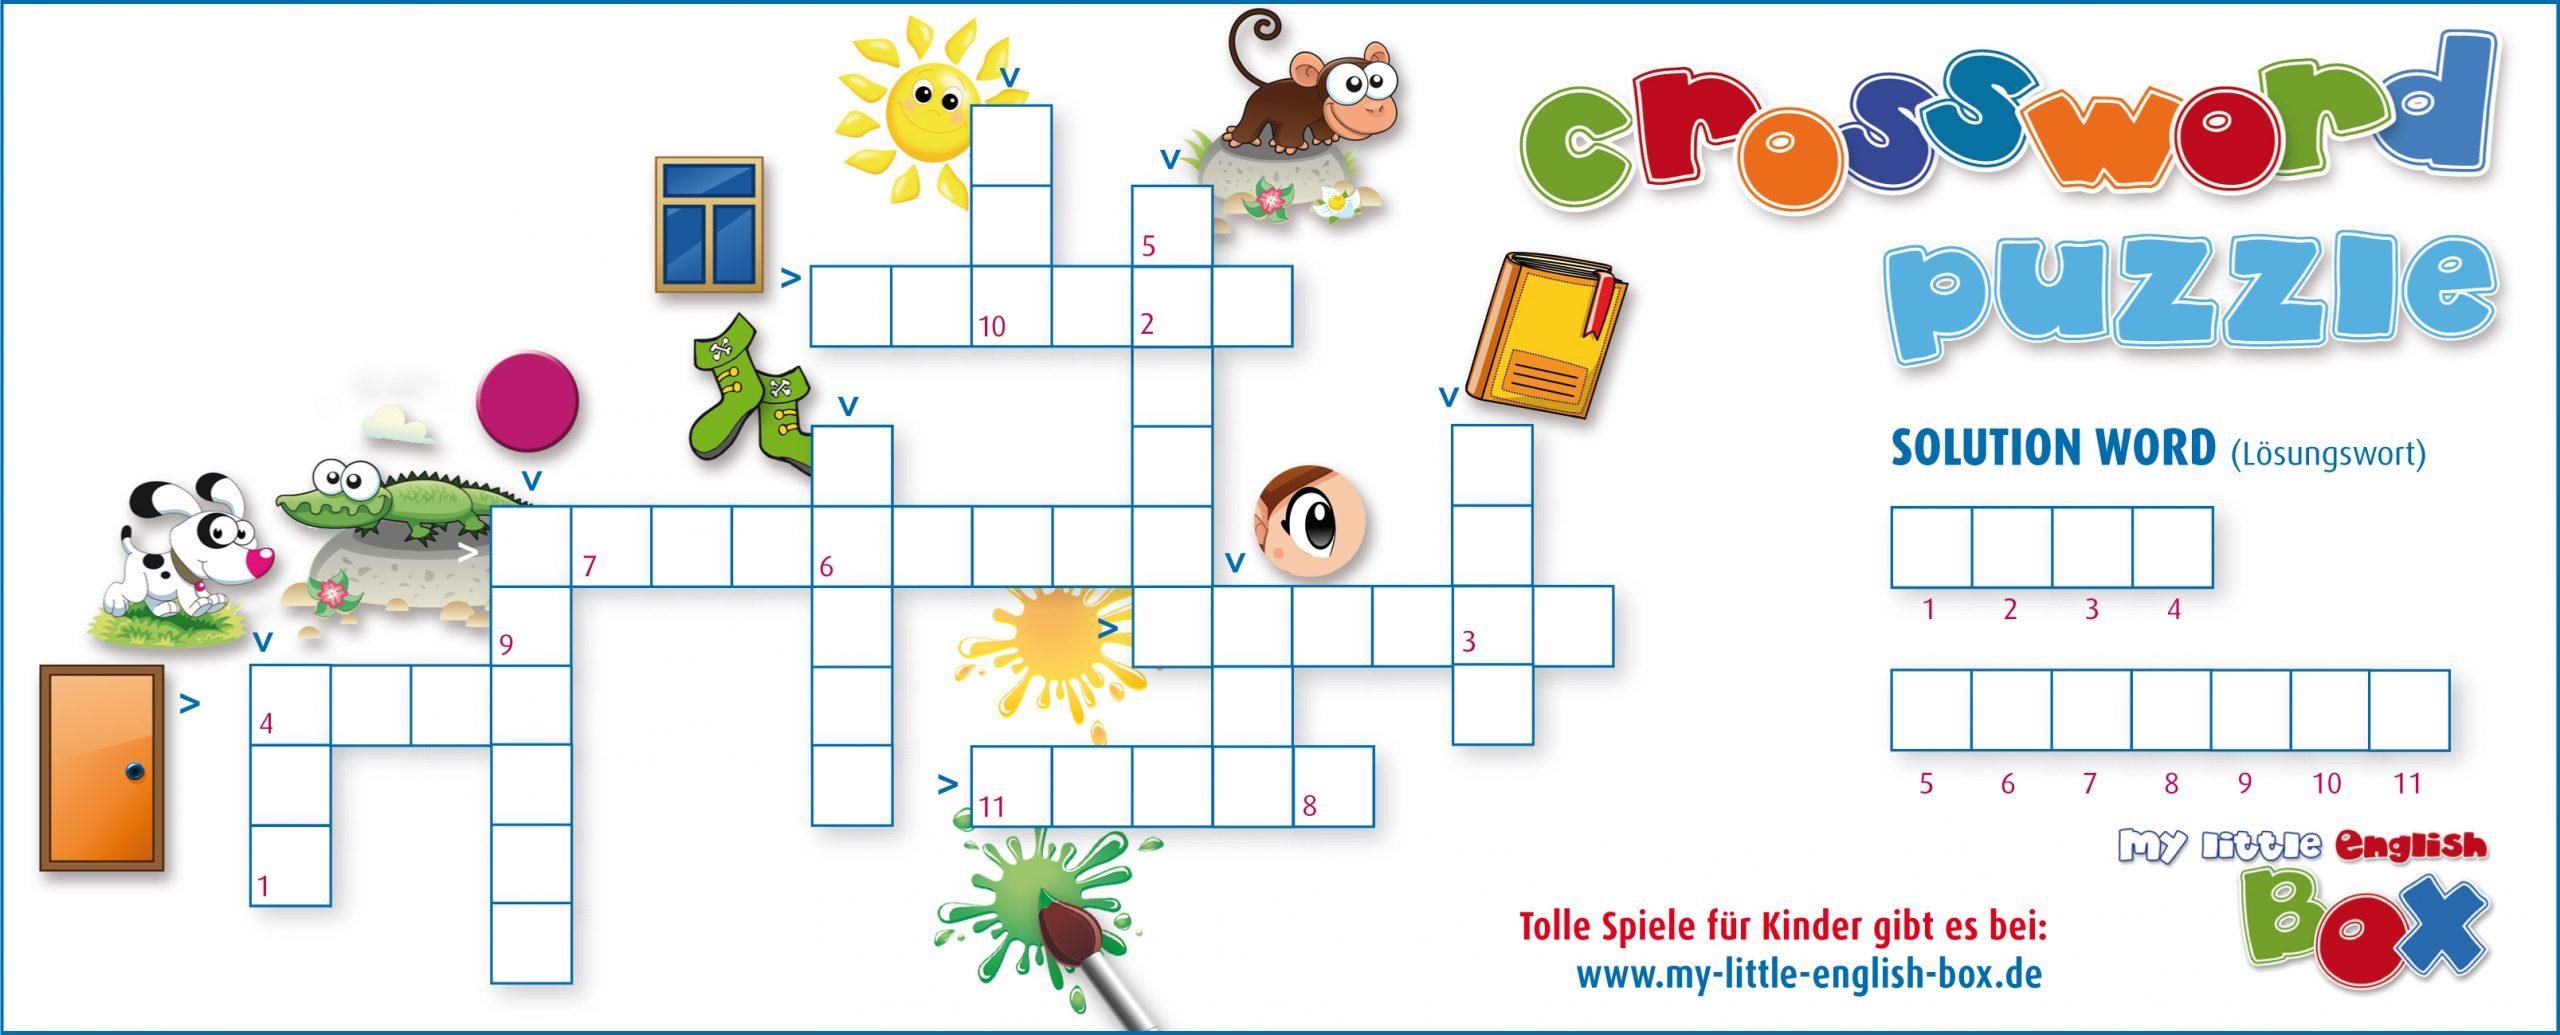 Kreuzworträtsel - Spielerisch Englisch Lernen Für Kinder verwandt mit Kreuzworträtsel Für Kindergartenkinder